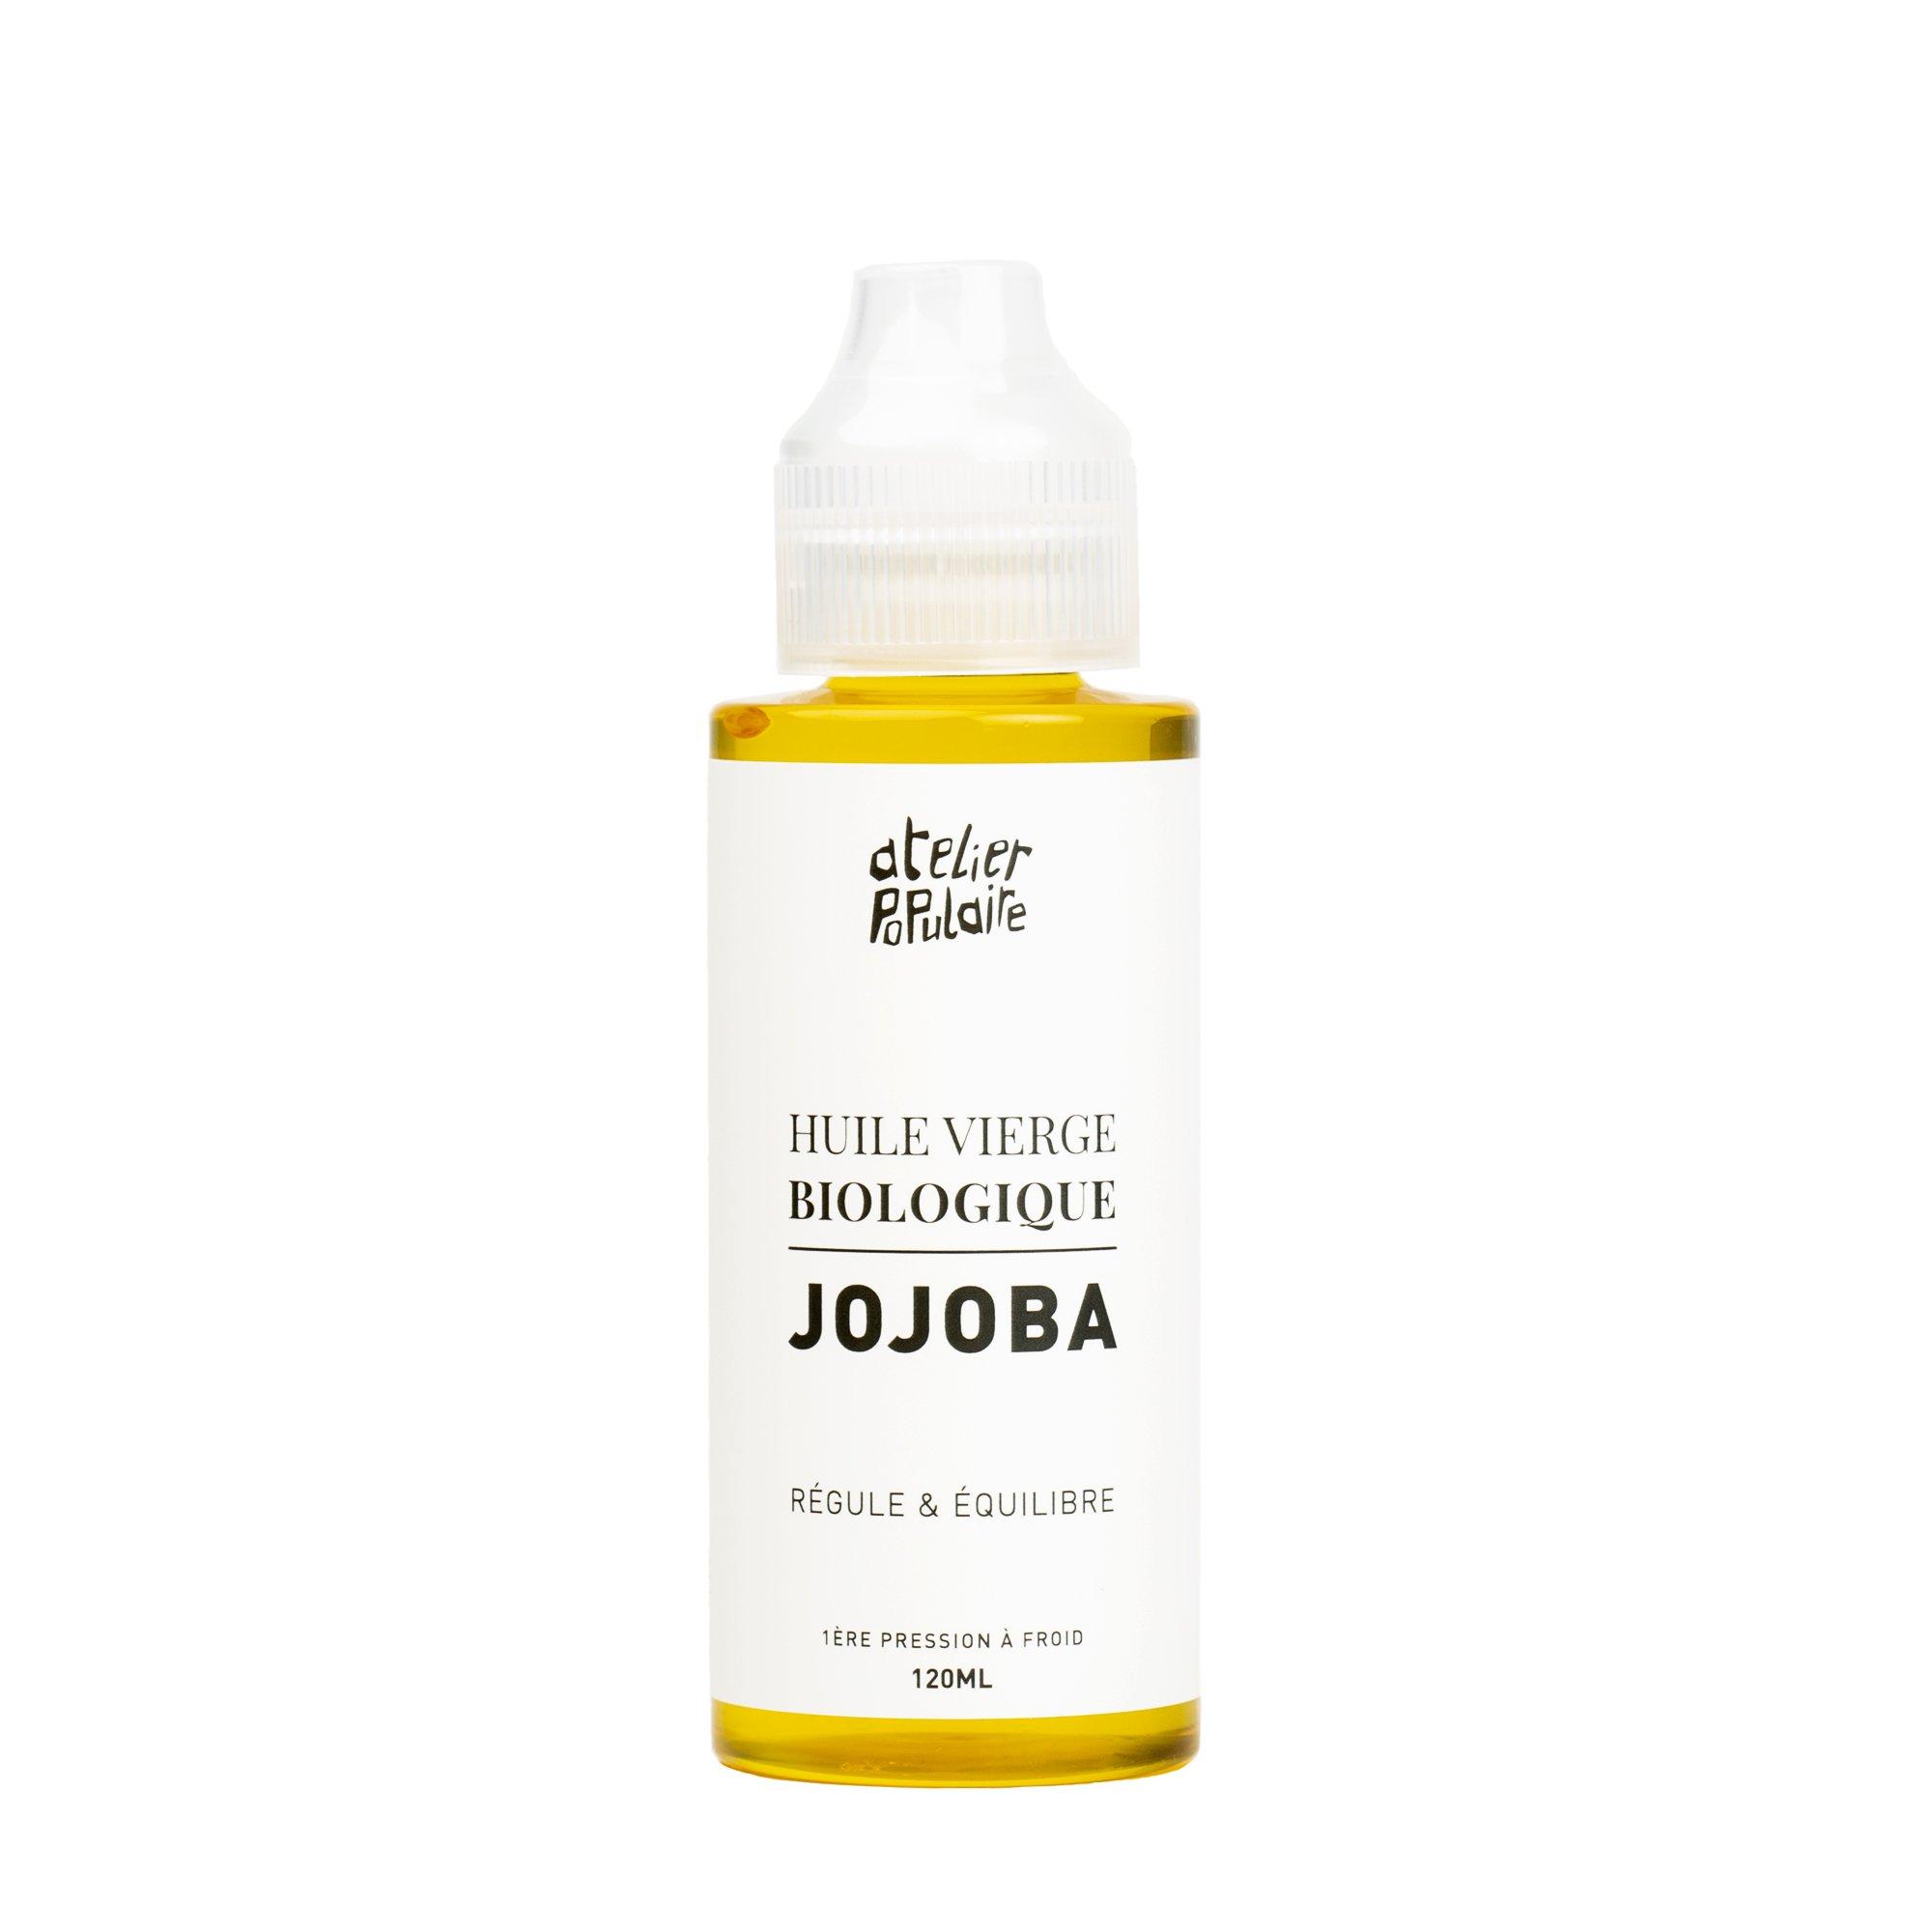 huile vierge biologique de Jojoba Atelier Populaire 120ml